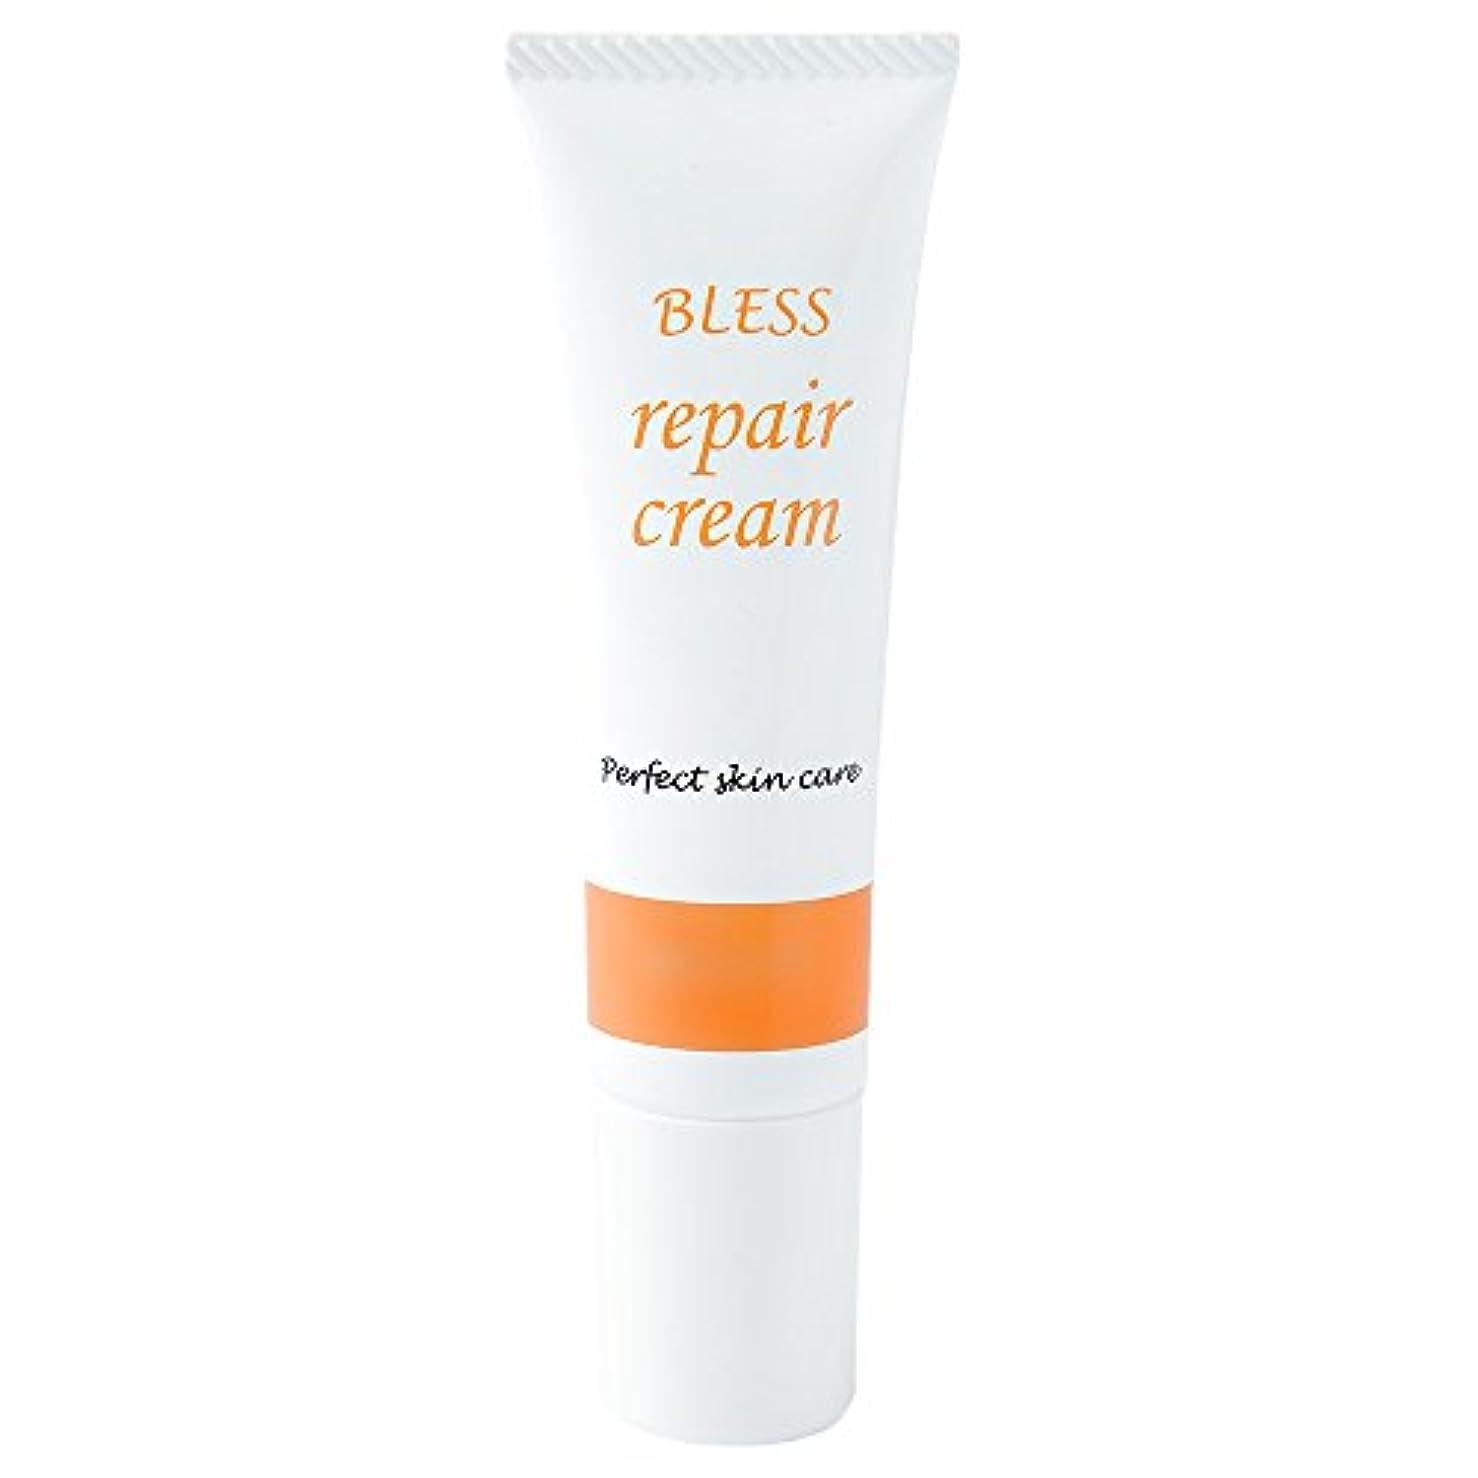 所得アクション浮く【BLESS】 しわ 対策用 エイジング リペアクリーム 30g 無添加 抗シワ評価試験済み製品 日本製 美容液